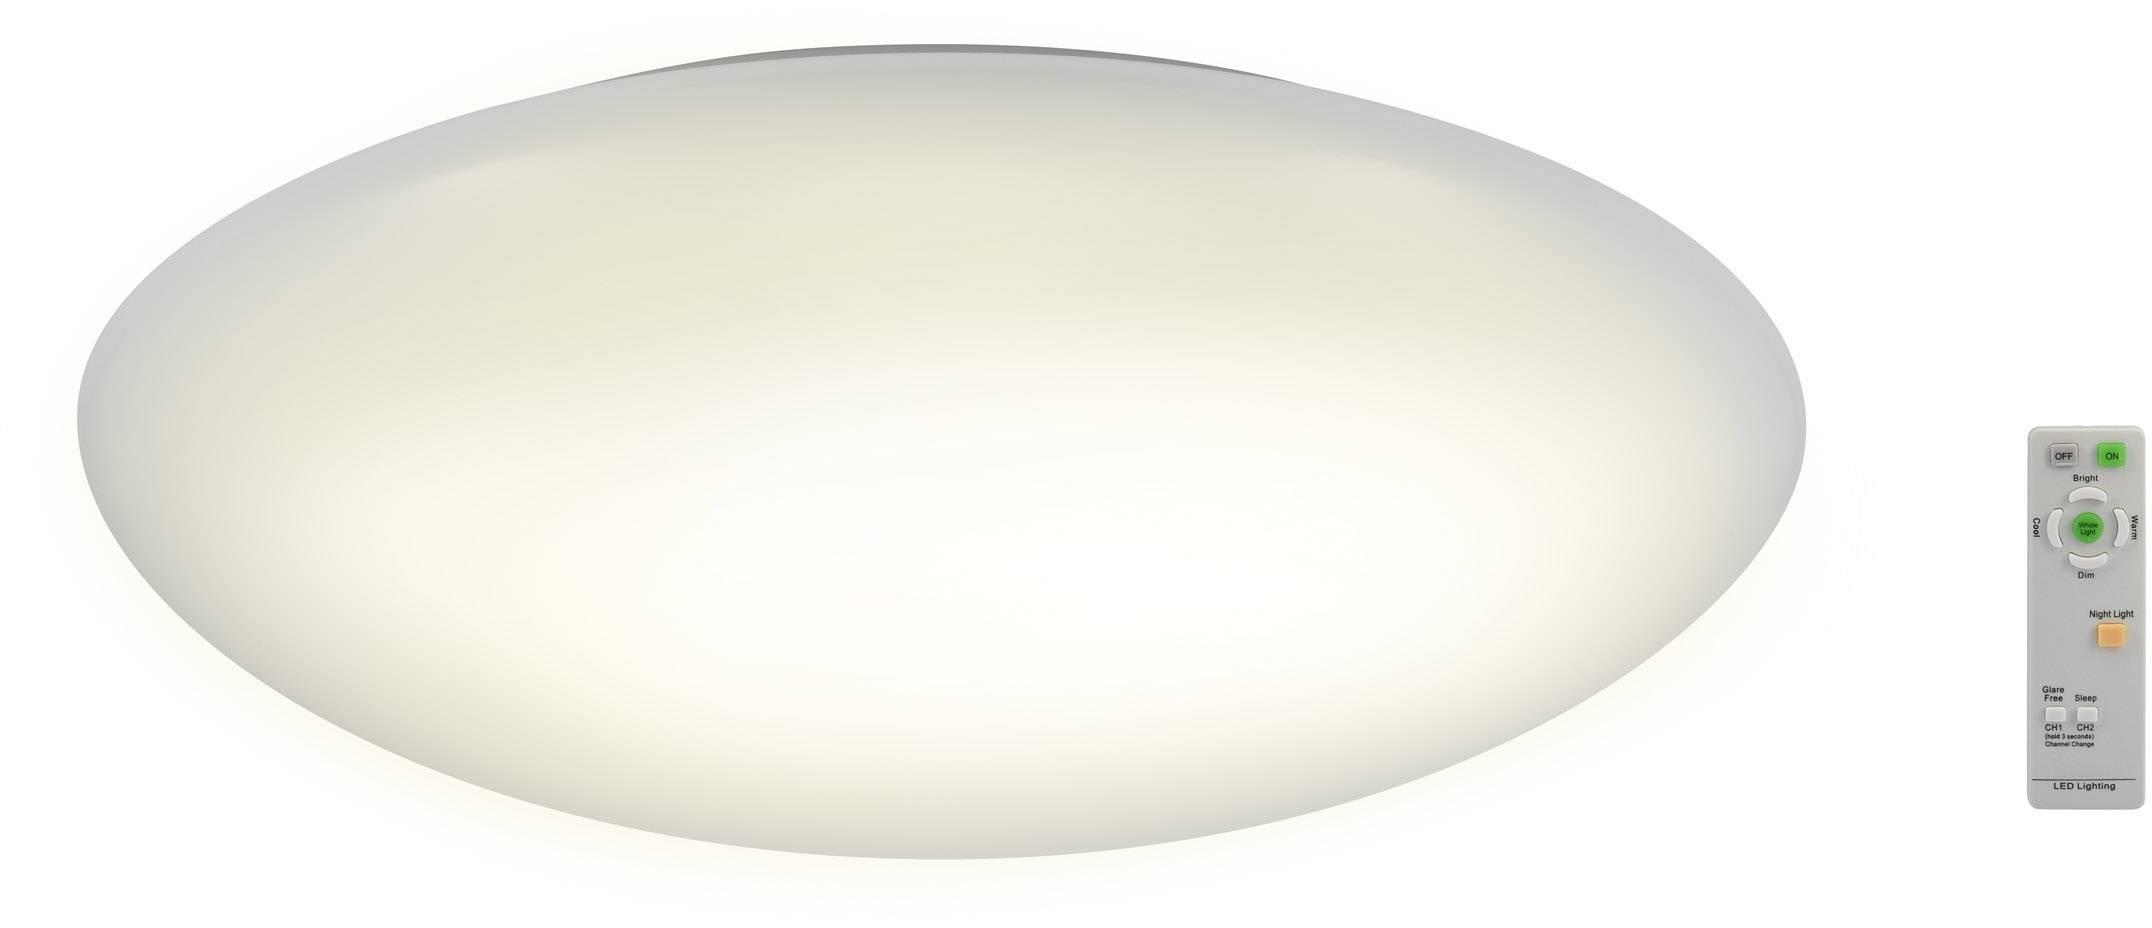 LED stropné svietidlo Renkforce Malaga 3 1315525, 45 W, vonkajší Ø 60 cm, teplá biela, chladná biela, denné svetlo, biela